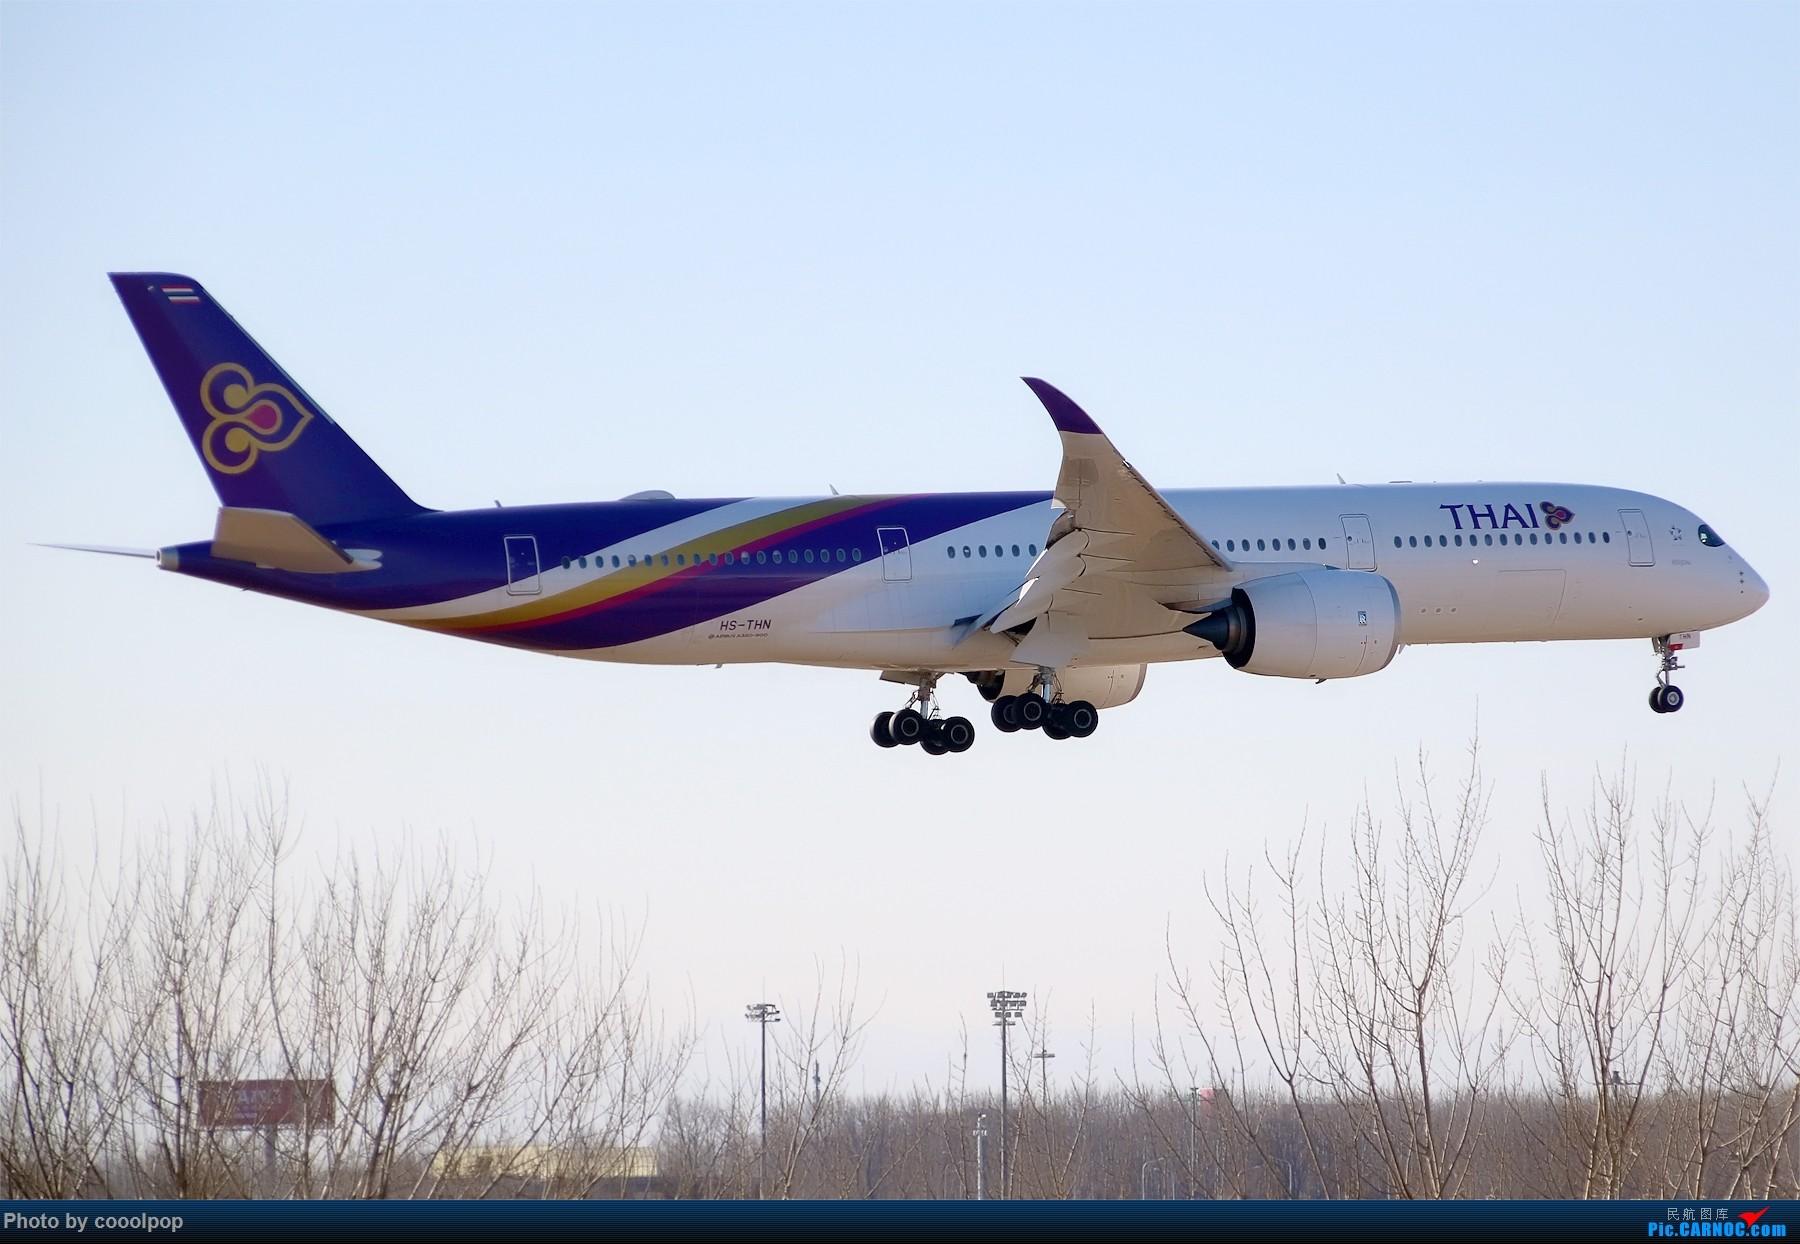 Re:[原创]PEK T3 桥上的一些大鸟!牌彩绘是要拼人品哒! A350-900 HS-THN 中国北京首都国际机场